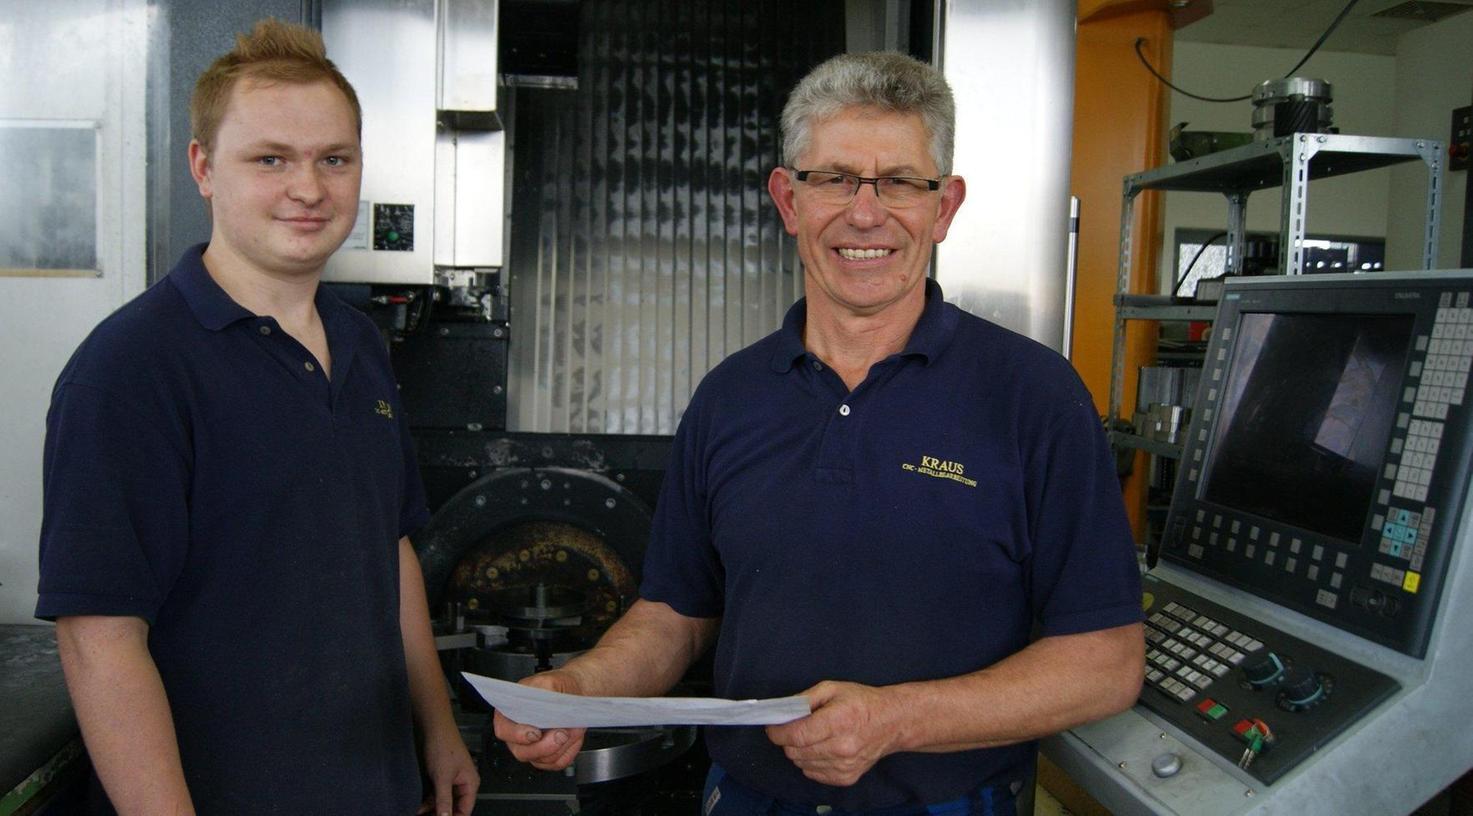 Andreas Kohl (links) machte im Betrieb von Wolfgang Kraus in Nasnitz eine Ausbildung zum Zerspanungsmechaniker. Jetzt wurde er als Bester der Handwerkskammer Niederbayern/Oberpfalz ausgezeichnet.